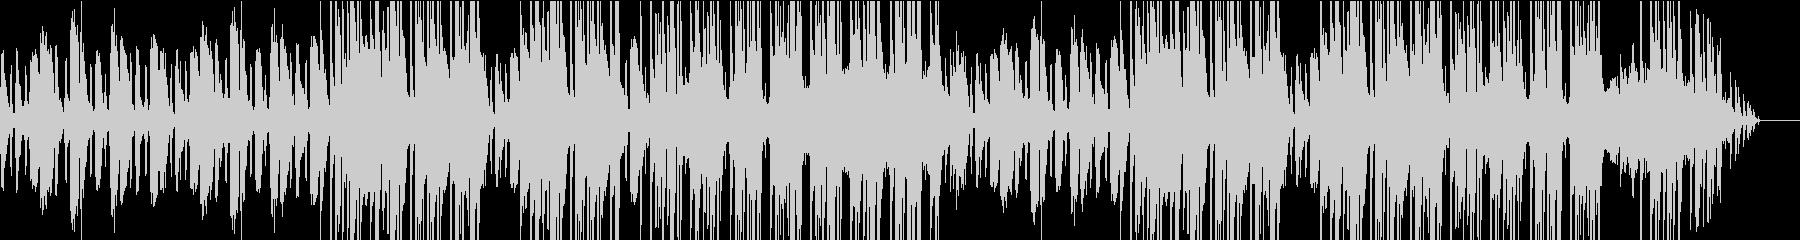 優しいストリングスとピアノが特徴的な曲の未再生の波形